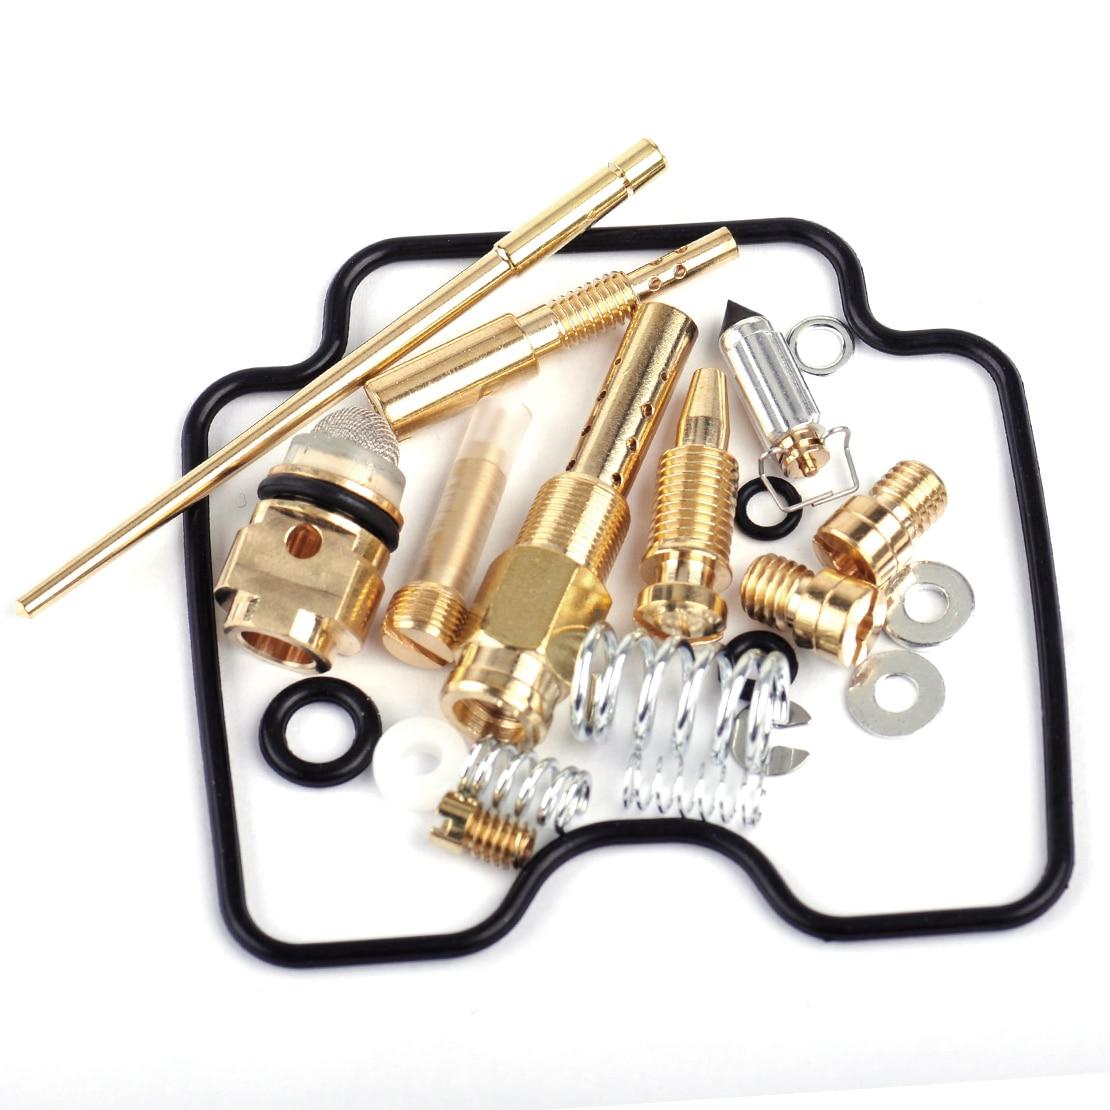 Beler Set Of Carburetor Carb Repair Rebuild Kit Fit For